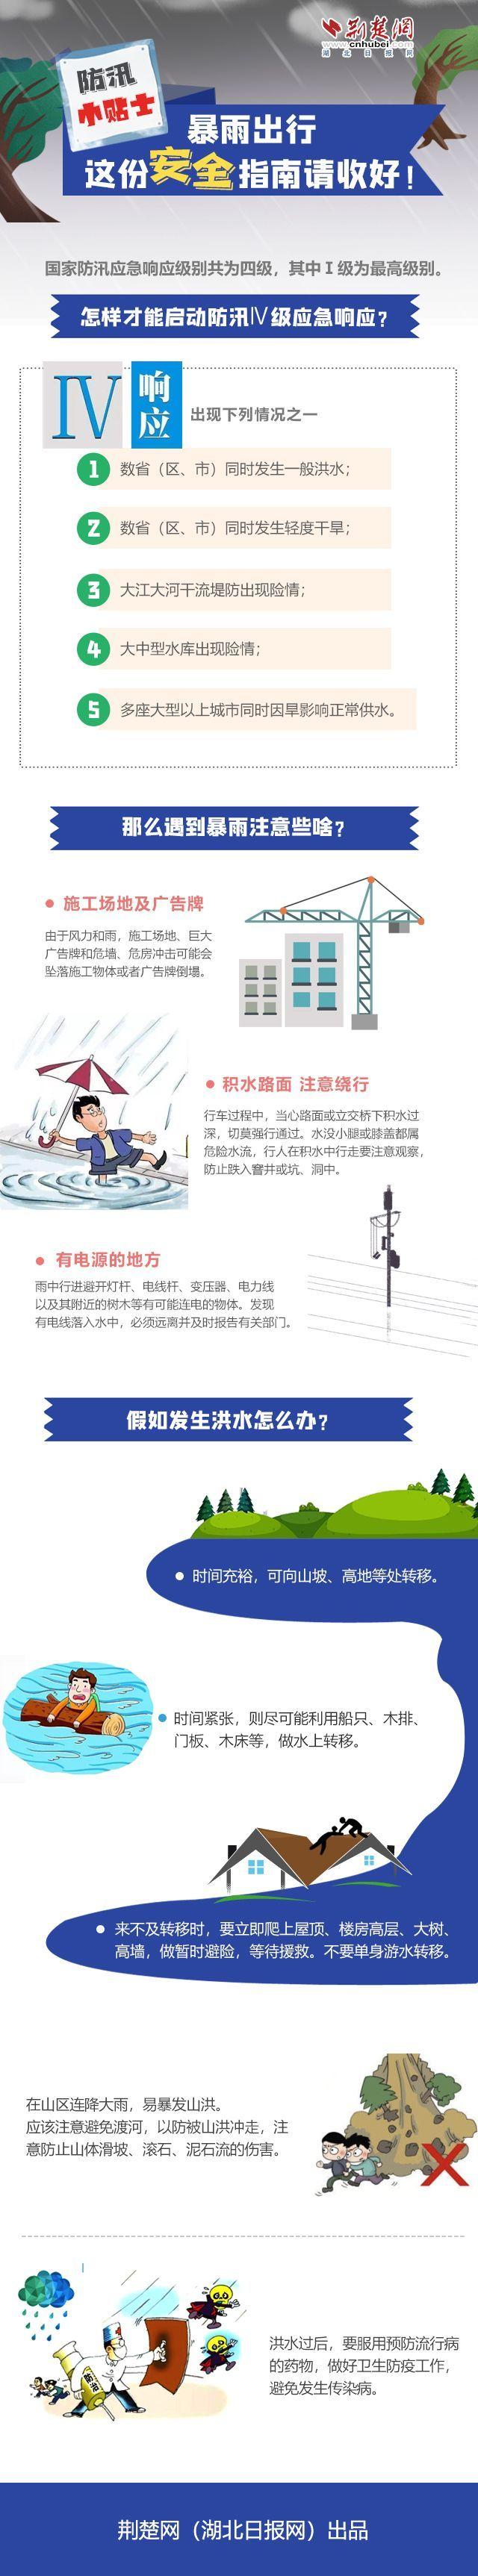 图解   防汛小贴士:暴雨出行,这份安全指南请收好!